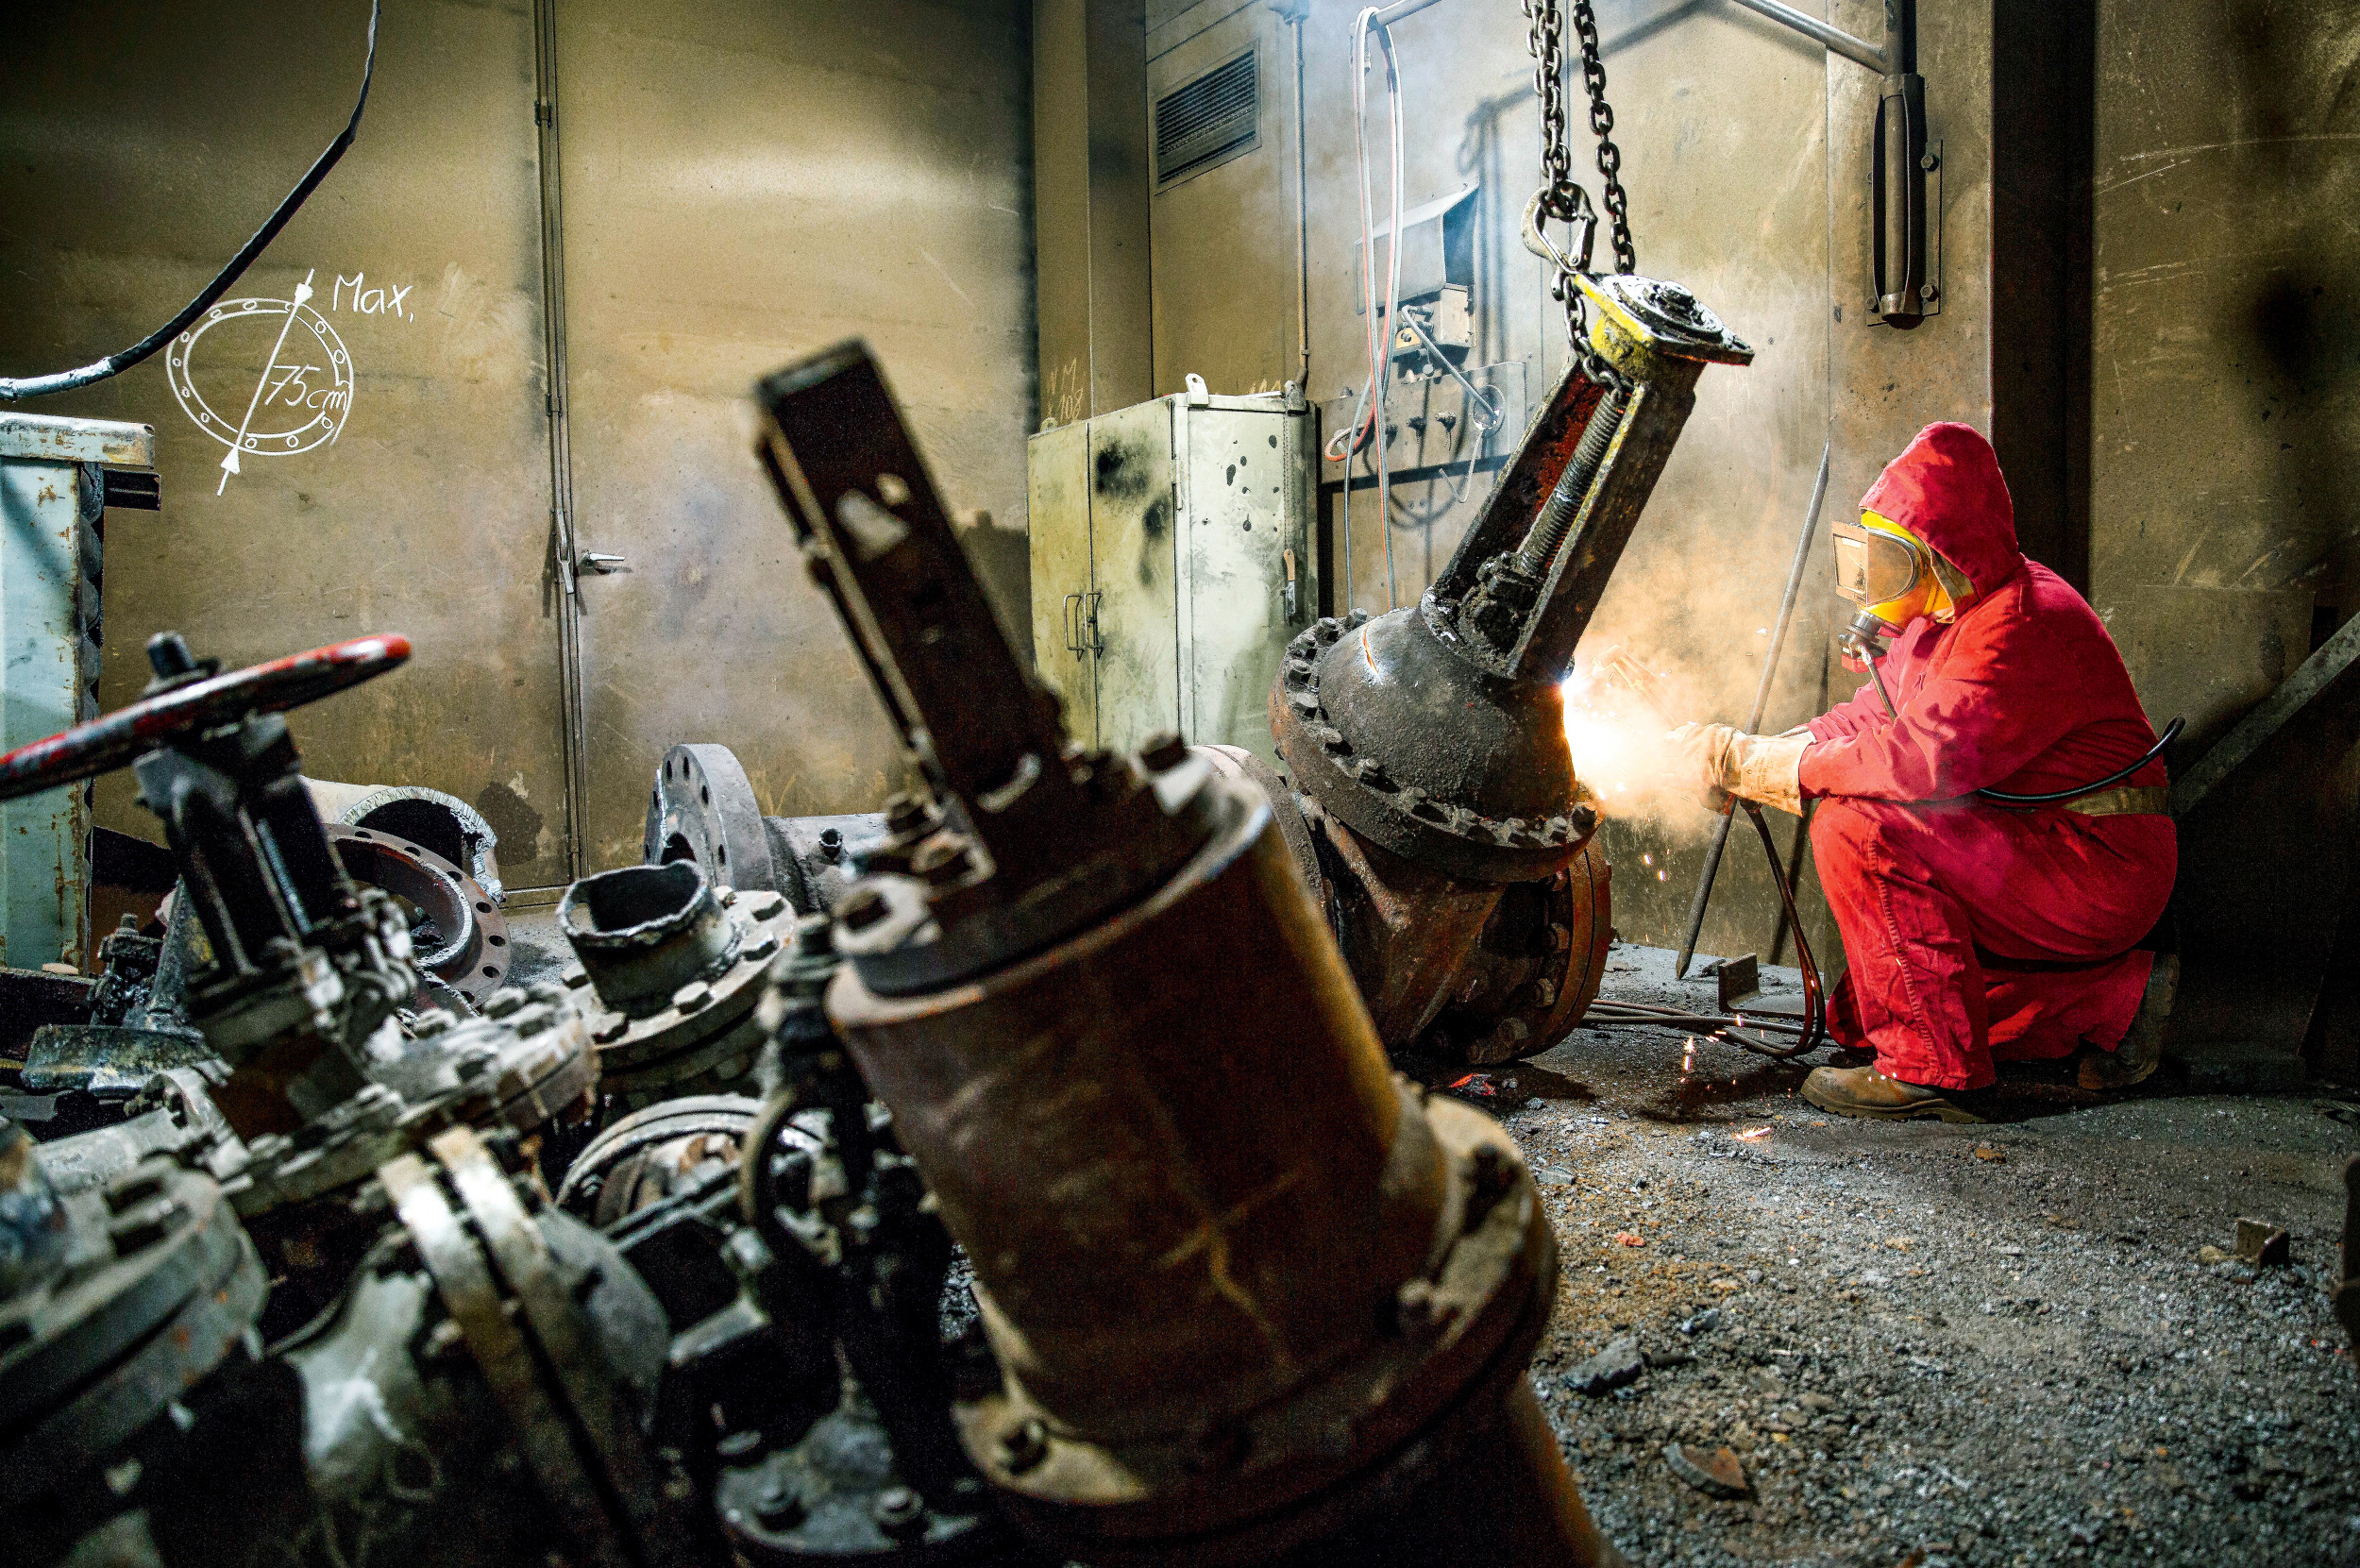 ROLLE RÜCKWÄRTSEin Arbeiter bei Zerlegearbeiten im AKW Lubmin. Ein Großteil der Bestandteile wird zerkleinert, aufwendig gereinigt und wiederverwertet. Der Rückbau läuft seit 25 Jahren und dauert noch bis 2028